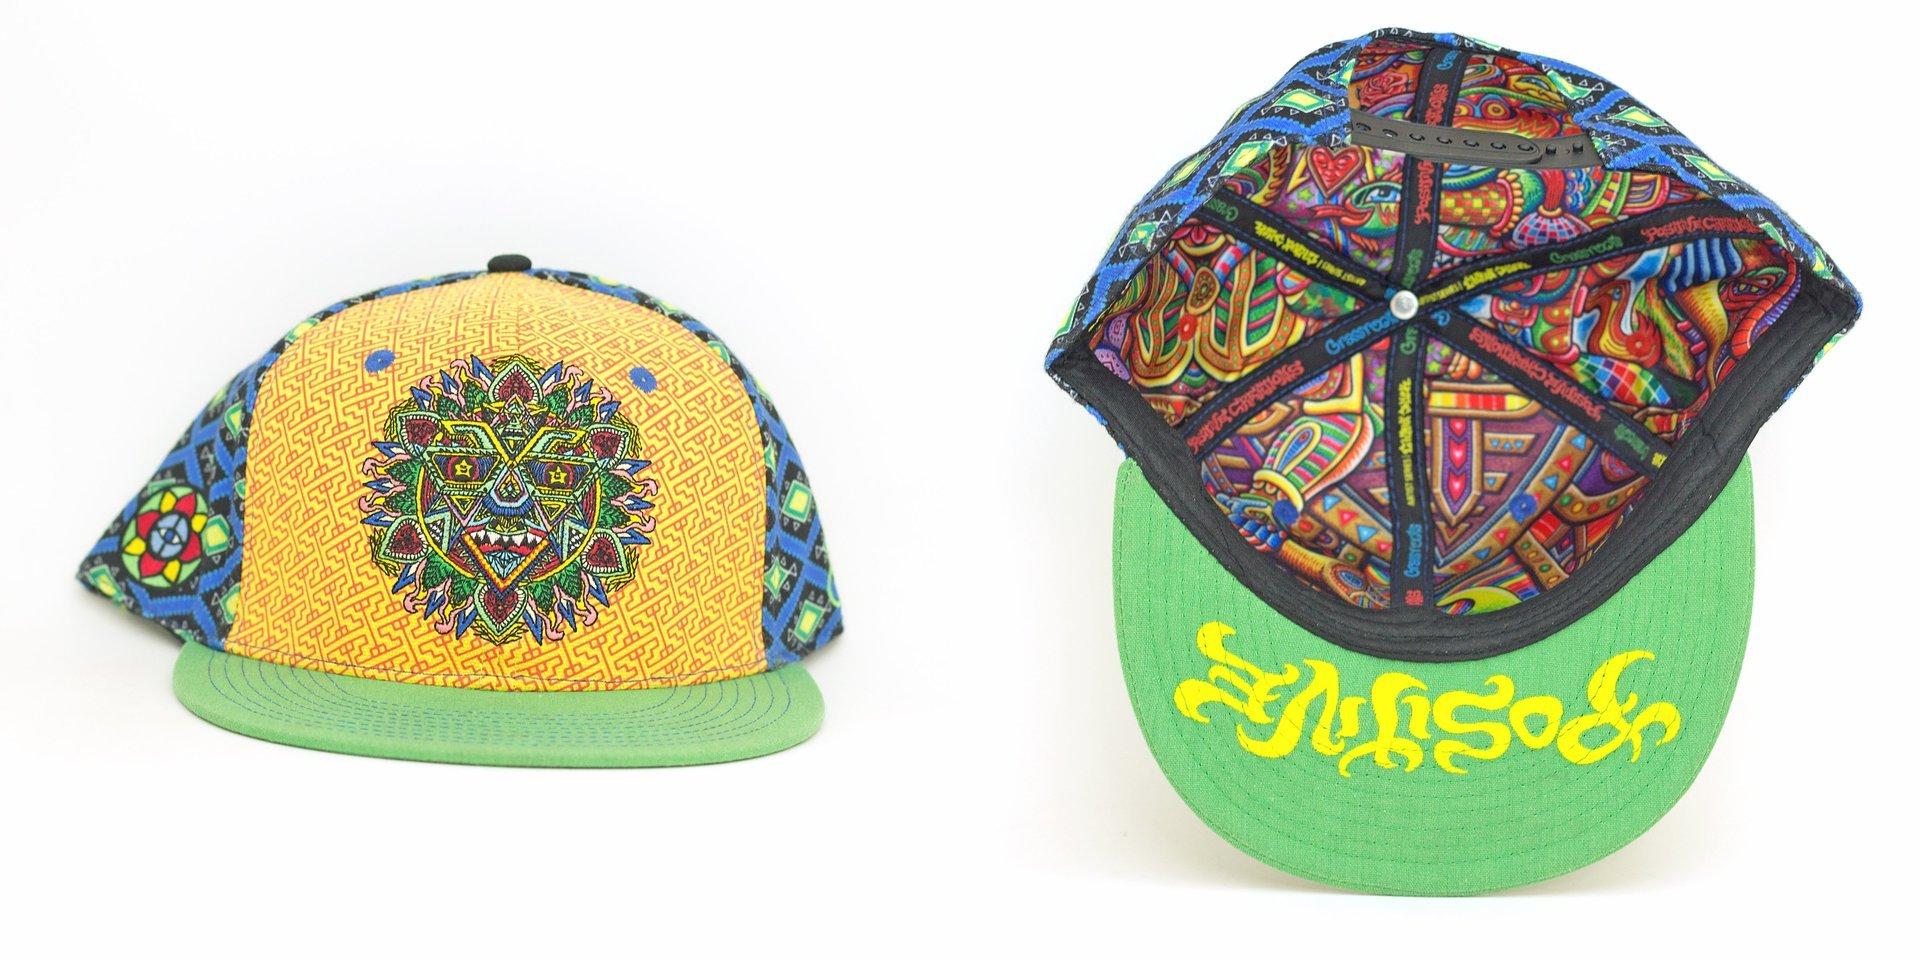 Chris Dyer Mandala Sun Snapback California Hat